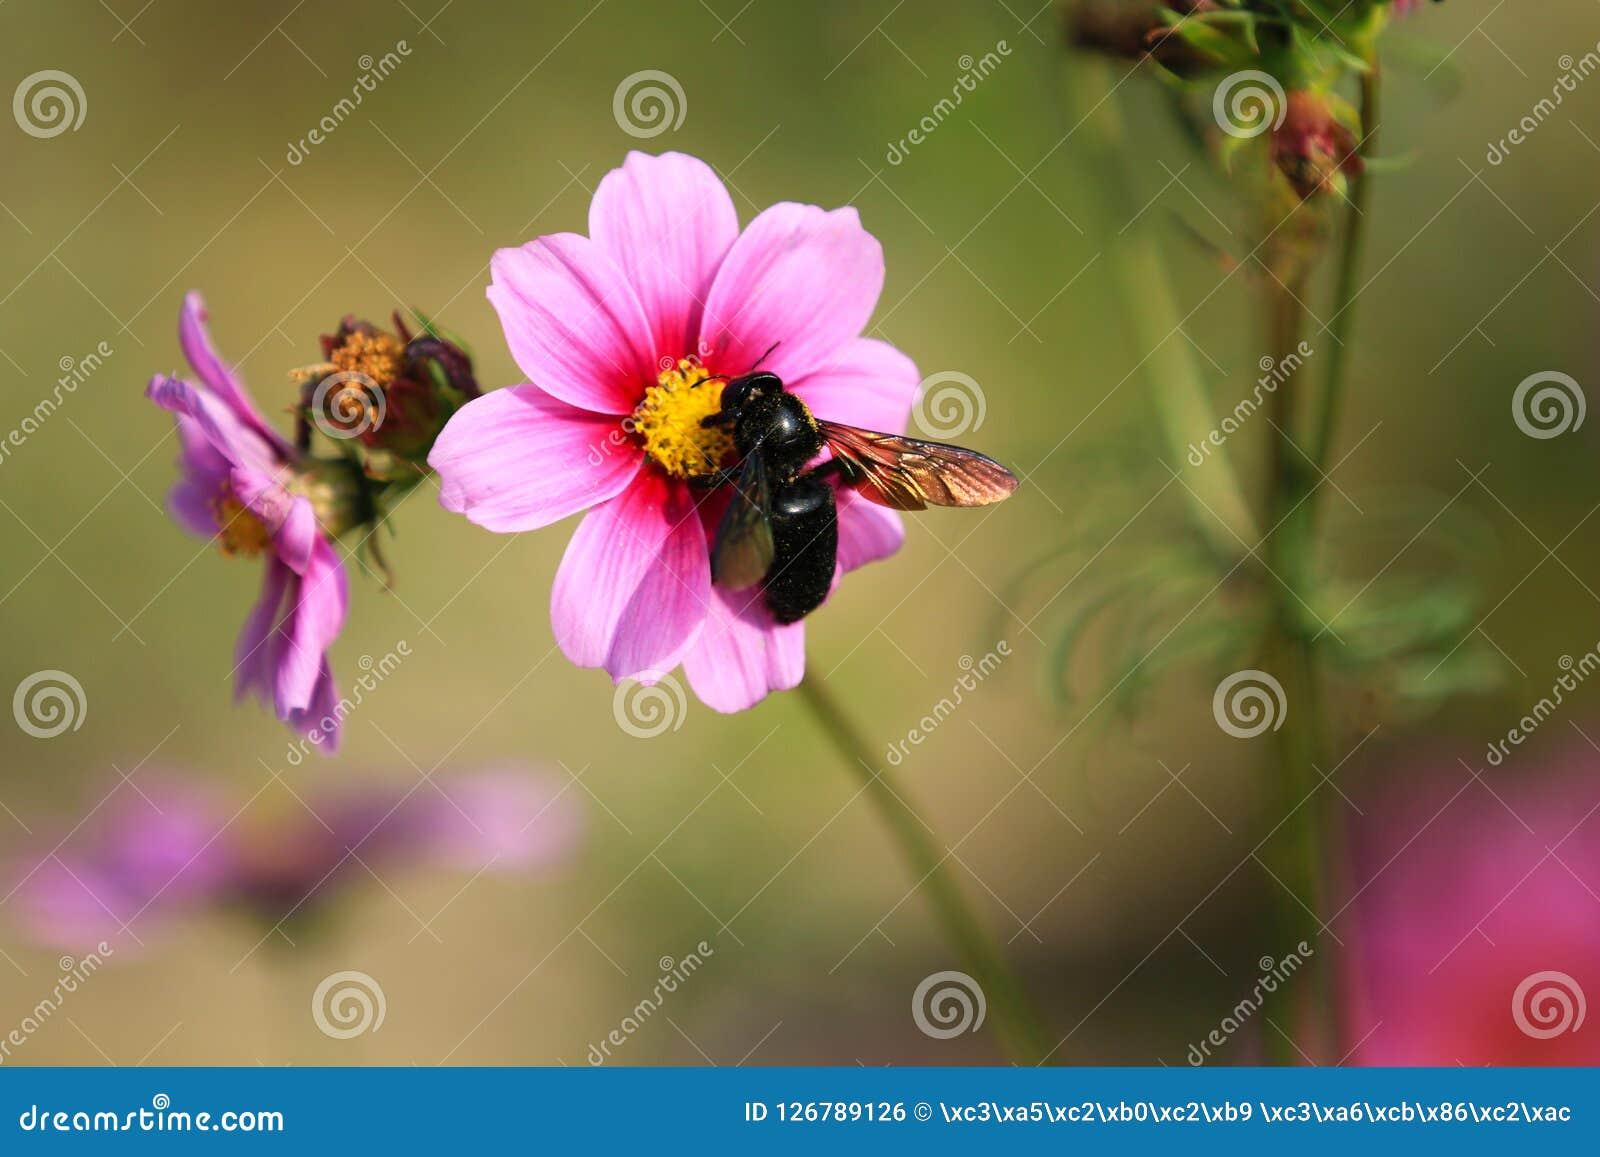 Es ist in voller Blüte mit schönen persischen Blumen im Park